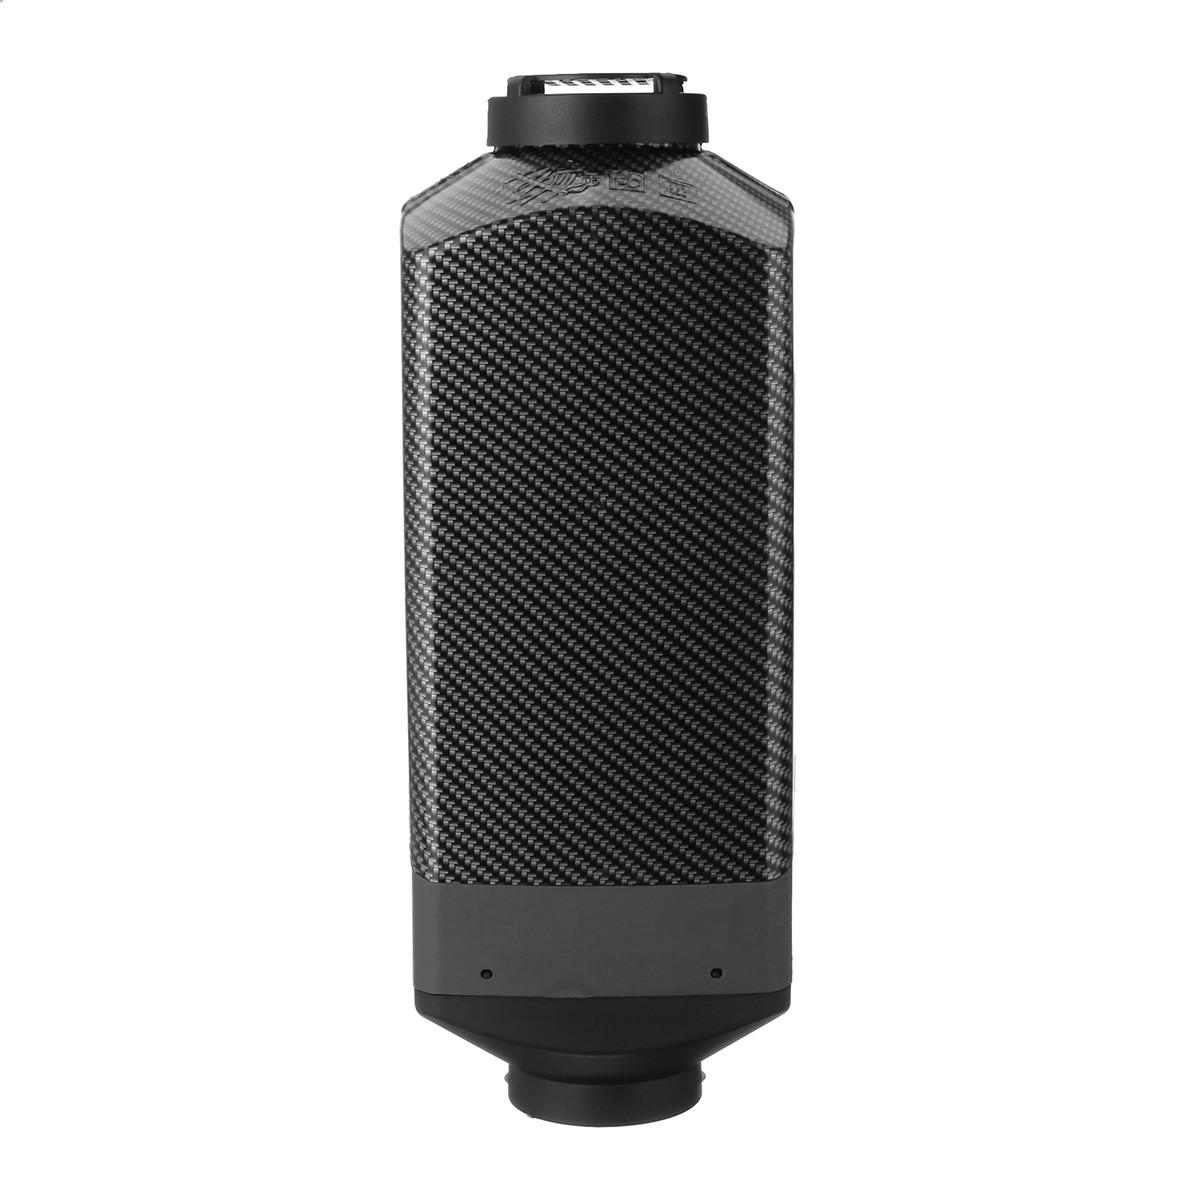 8KW 12V LCD Четырехкнопочный Дистанционное Управление + Глушитель Двойной Трубка + Трехходовой Авто Нагреватель - 1TopShop